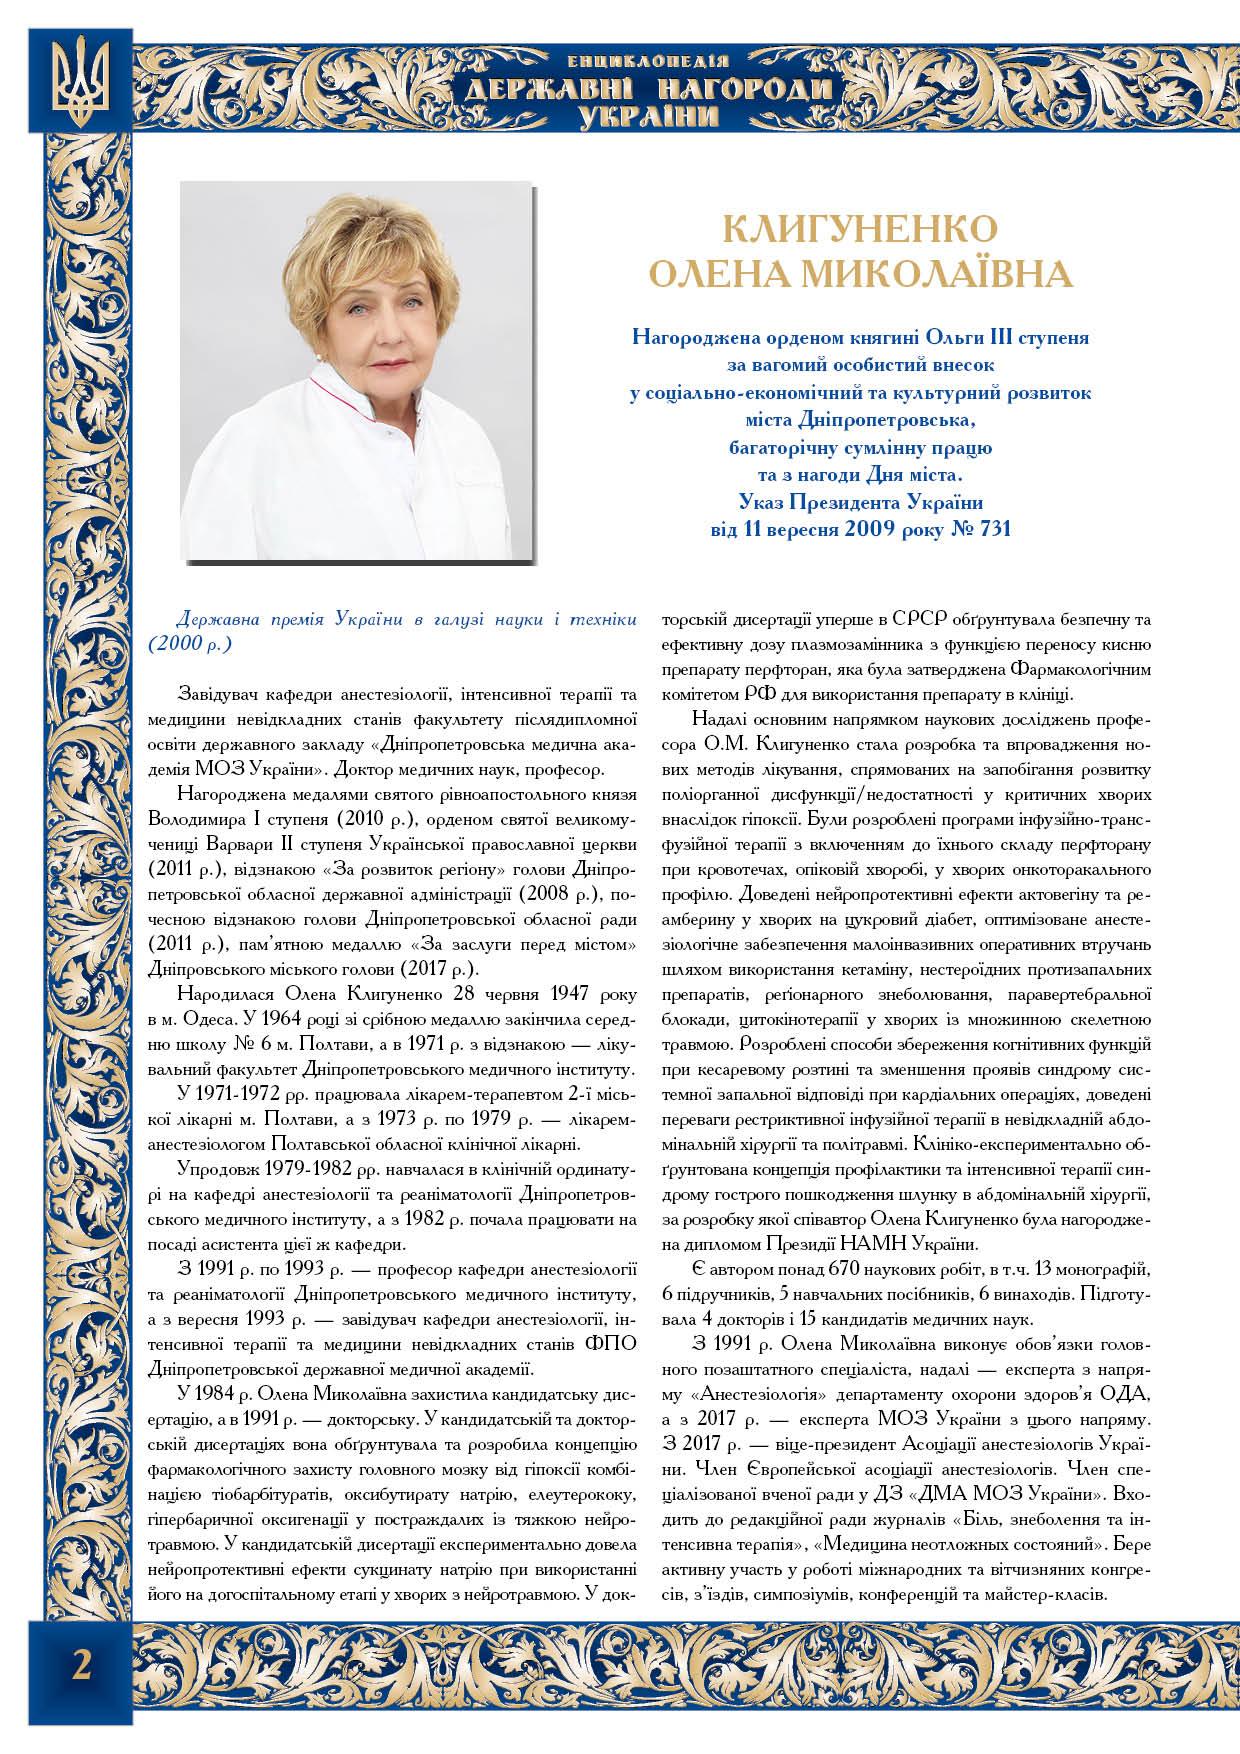 Клигуненко Олена Миколаївна